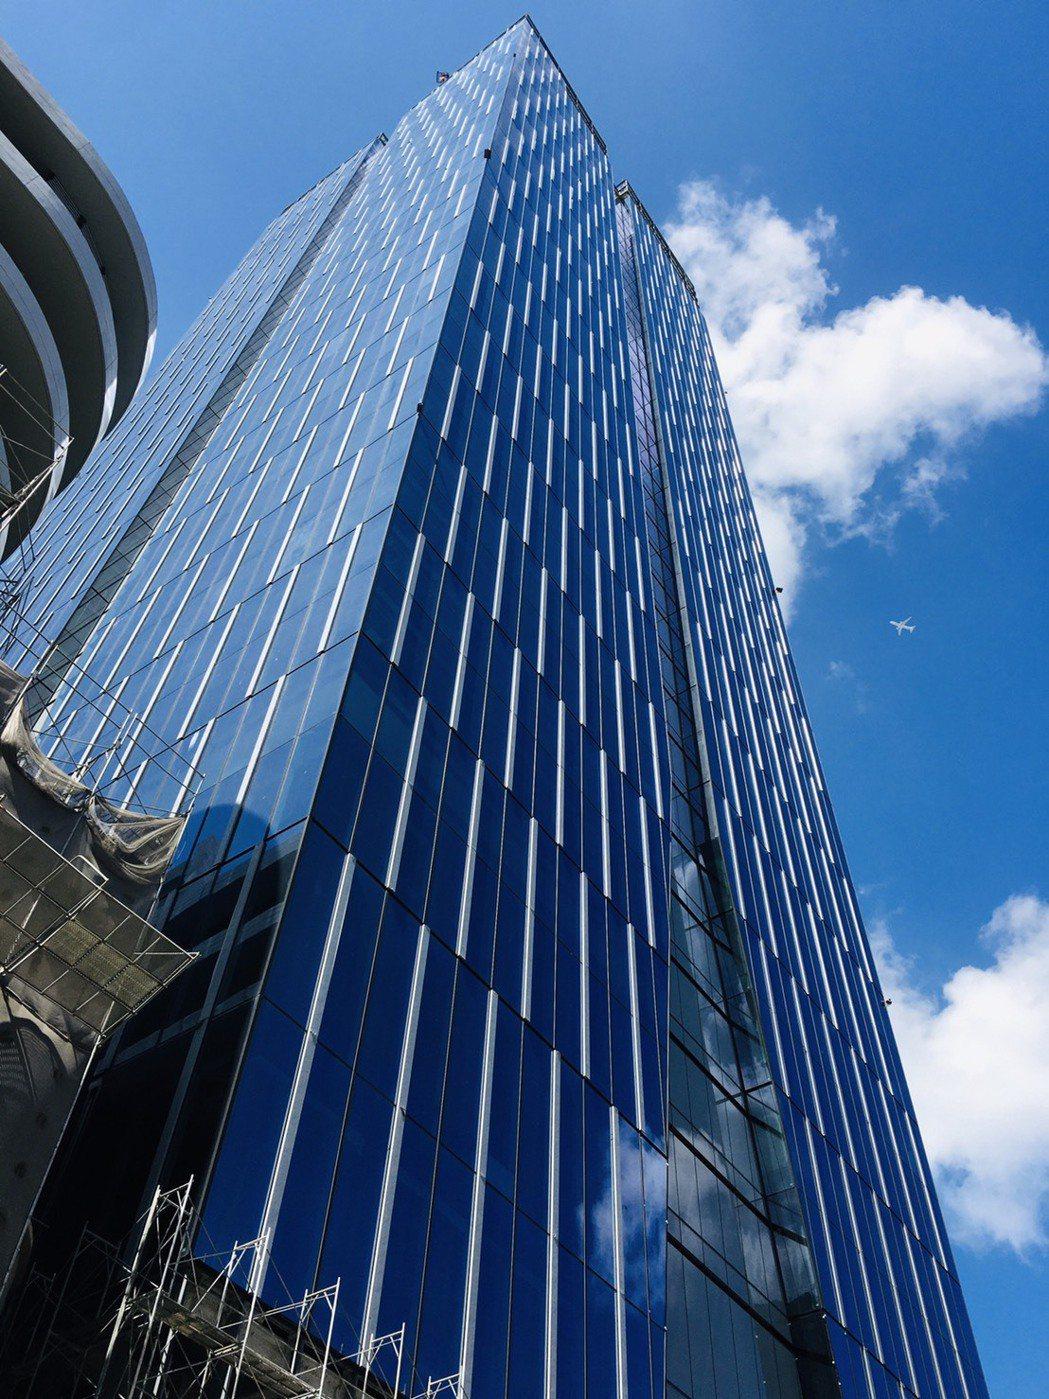 新莊宏匯思源 i-Tower 即將封頂,更將引領國內建築帷幕牆風潮。 台...